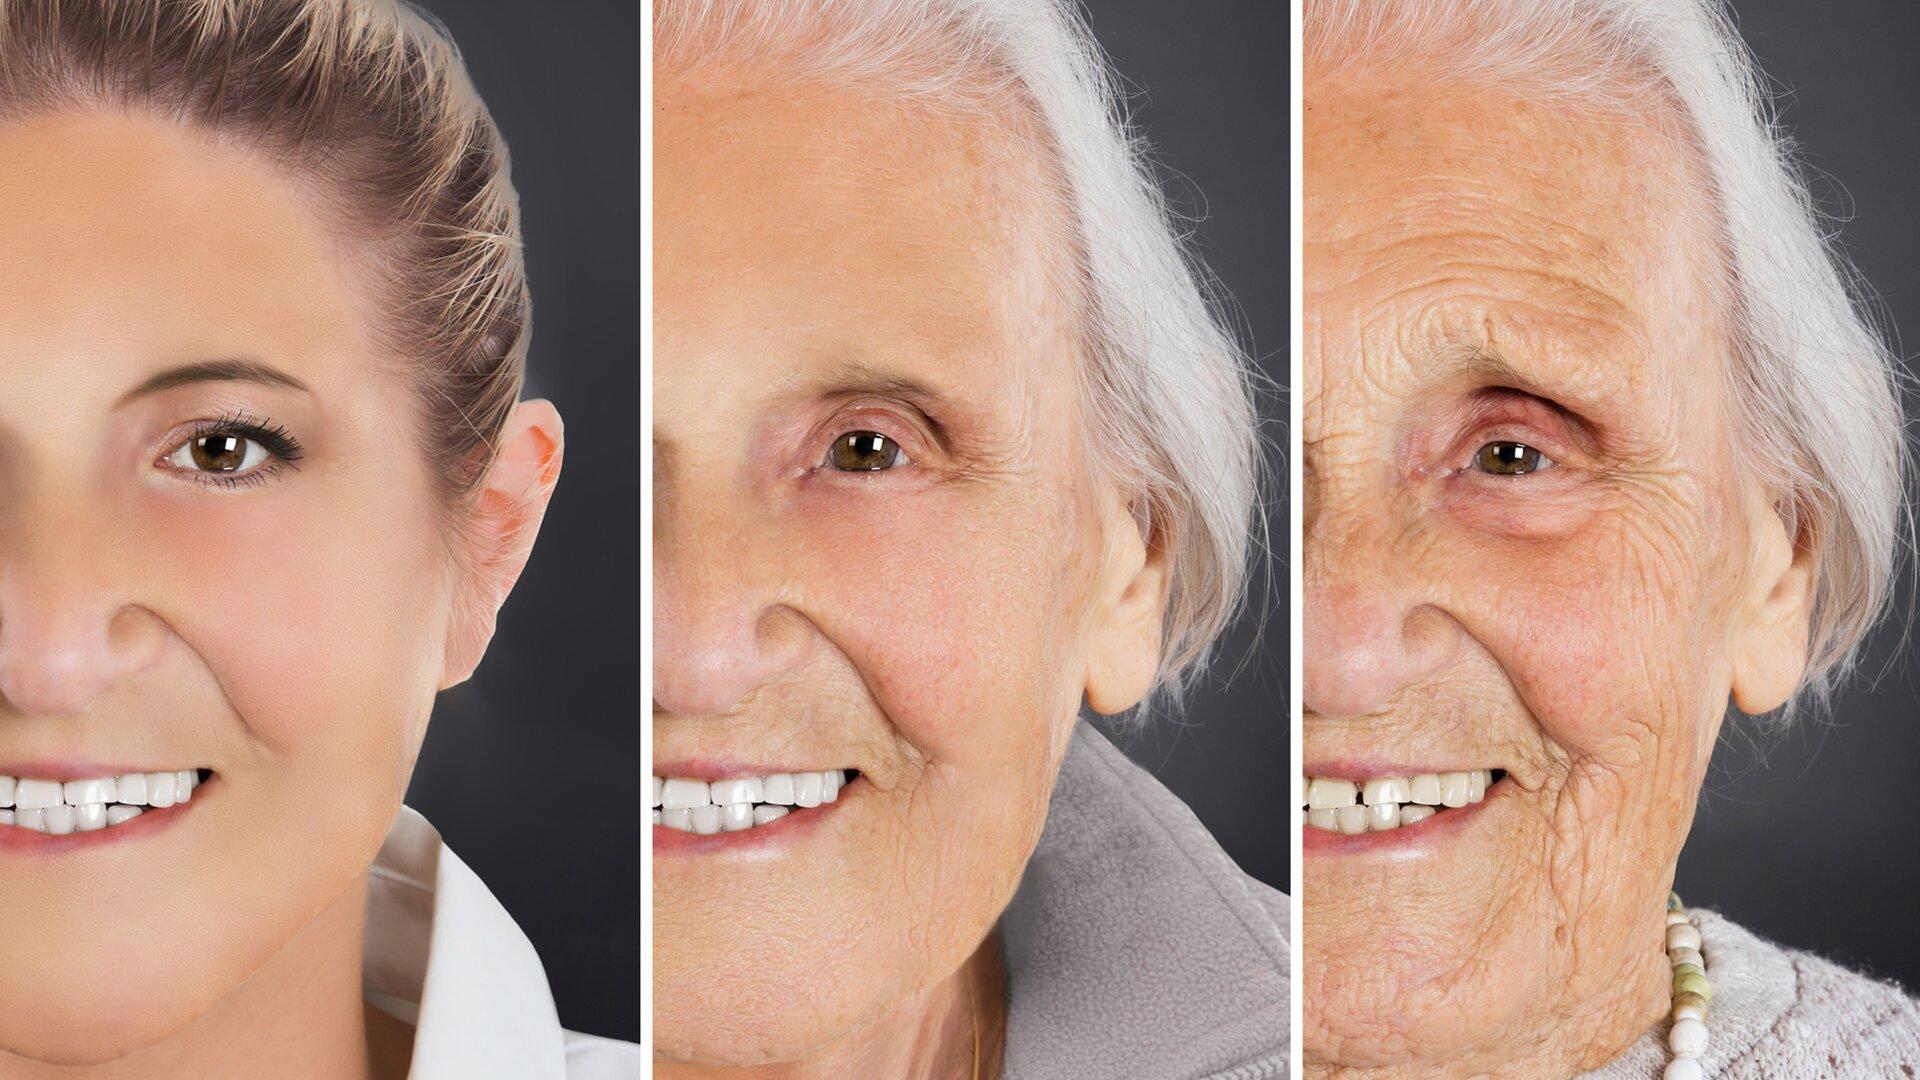 Ilustracja przedstawia trzy fotografie ułożone wpionie obok siebie. Fotografie pokazują jak zwiekiem zmienia się wygląd skóry. Zdjęcia przedstawiają fragmenty twarzy tej samej kobiety wykonane wróżnym wieku. Na zdjęciu pierwszym od lewej widzimy twarz młodej kobiety. Ma ciemne zaczesane do tyłu włosy igładką skórę. Zdjęcie środkowe przedstawia uśmiechniętą twarz tej samej osoby ale wśrednim wieku. Ma siwe włosy ina twarzy widoczne są zmarszczki wkącikach oczu iust. Zdjęcie trzecie od lewej przedstawia tę samą kobietę ale znacznie starszą. Na uśmiechniętej twarzy widoczne są głębokie zmarszczki.